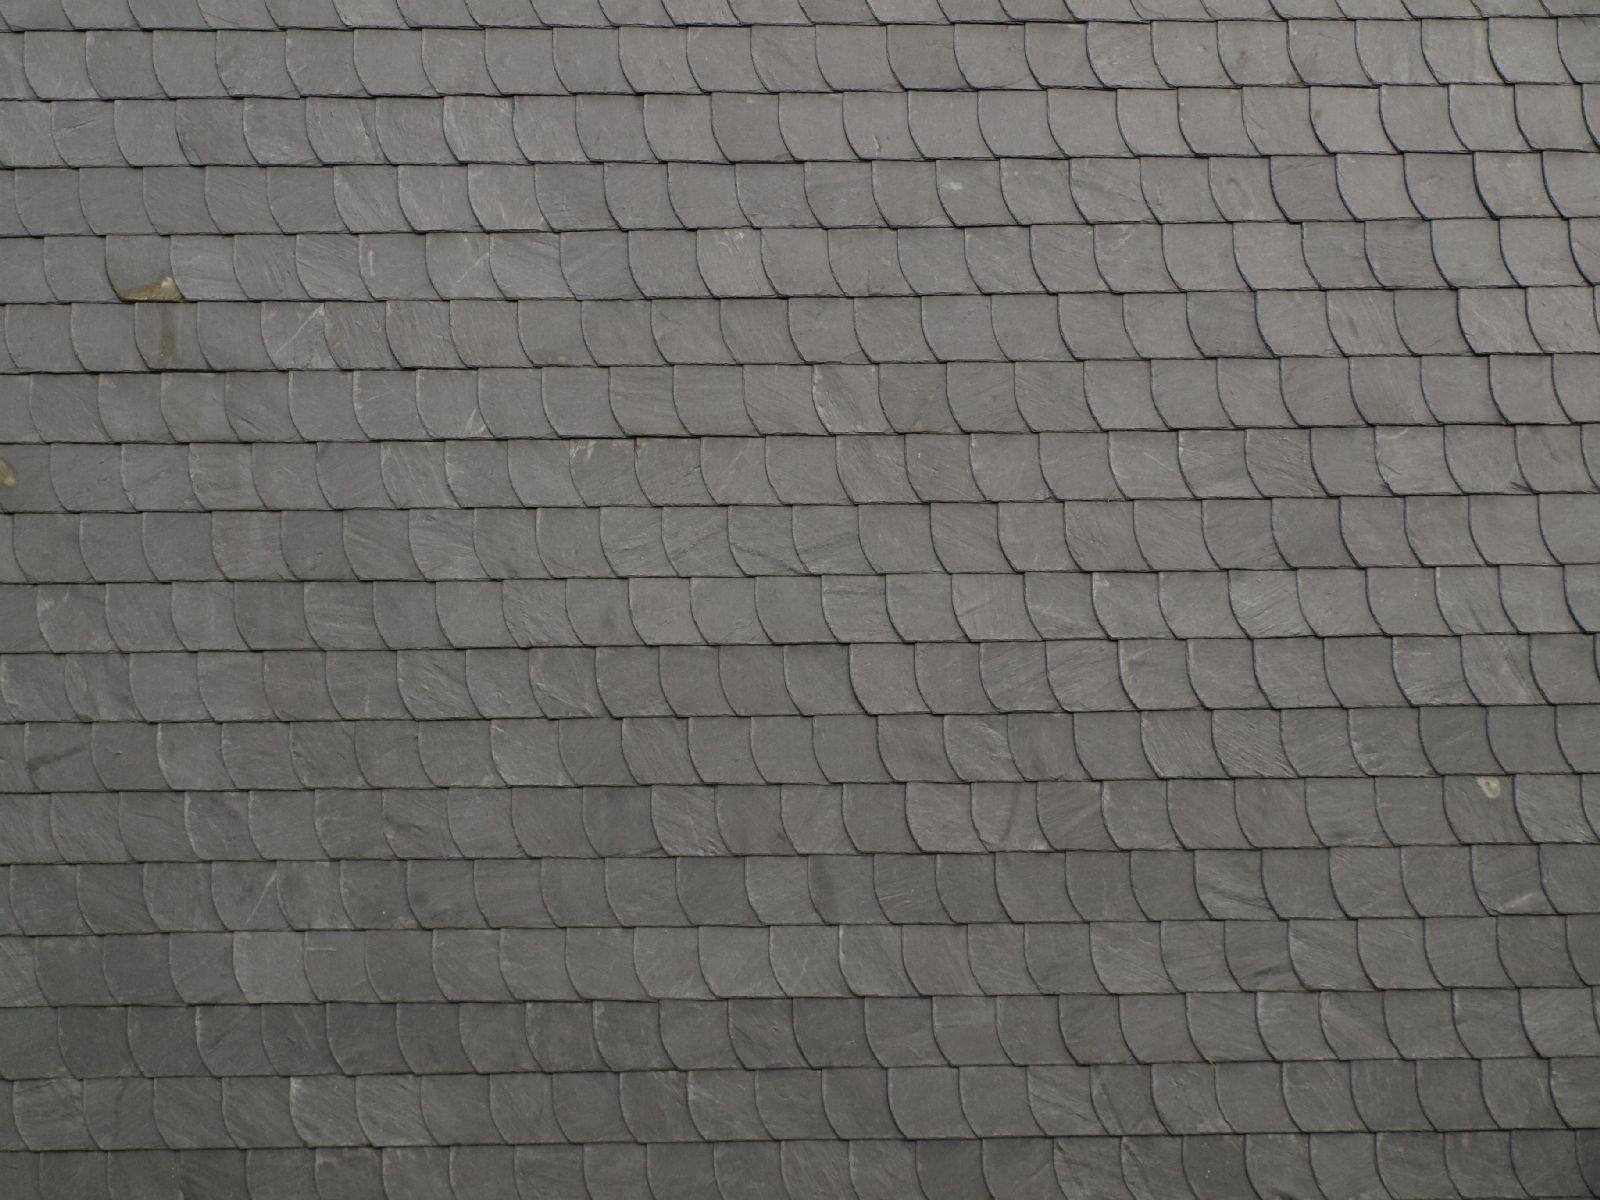 Stone_Texture_A_PA045763